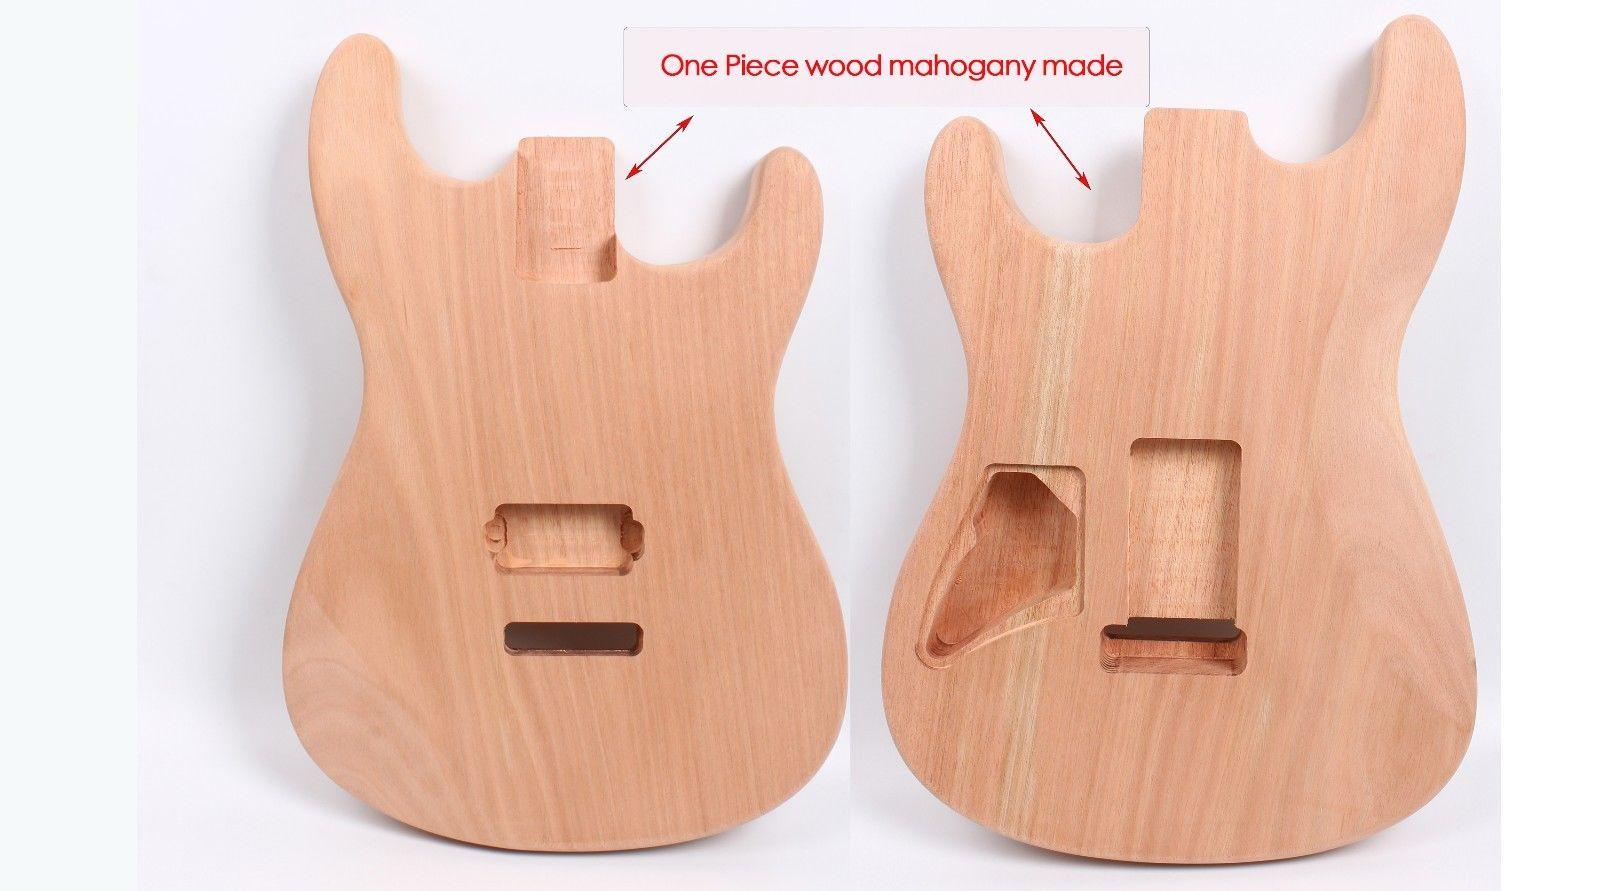 Yinfente Strat corpo della chitarra Elettrica di Un pezzo di Mogano Fatto Unfinished chitarra chitarra FAI DA TEYinfente Strat corpo della chitarra Elettrica di Un pezzo di Mogano Fatto Unfinished chitarra chitarra FAI DA TE